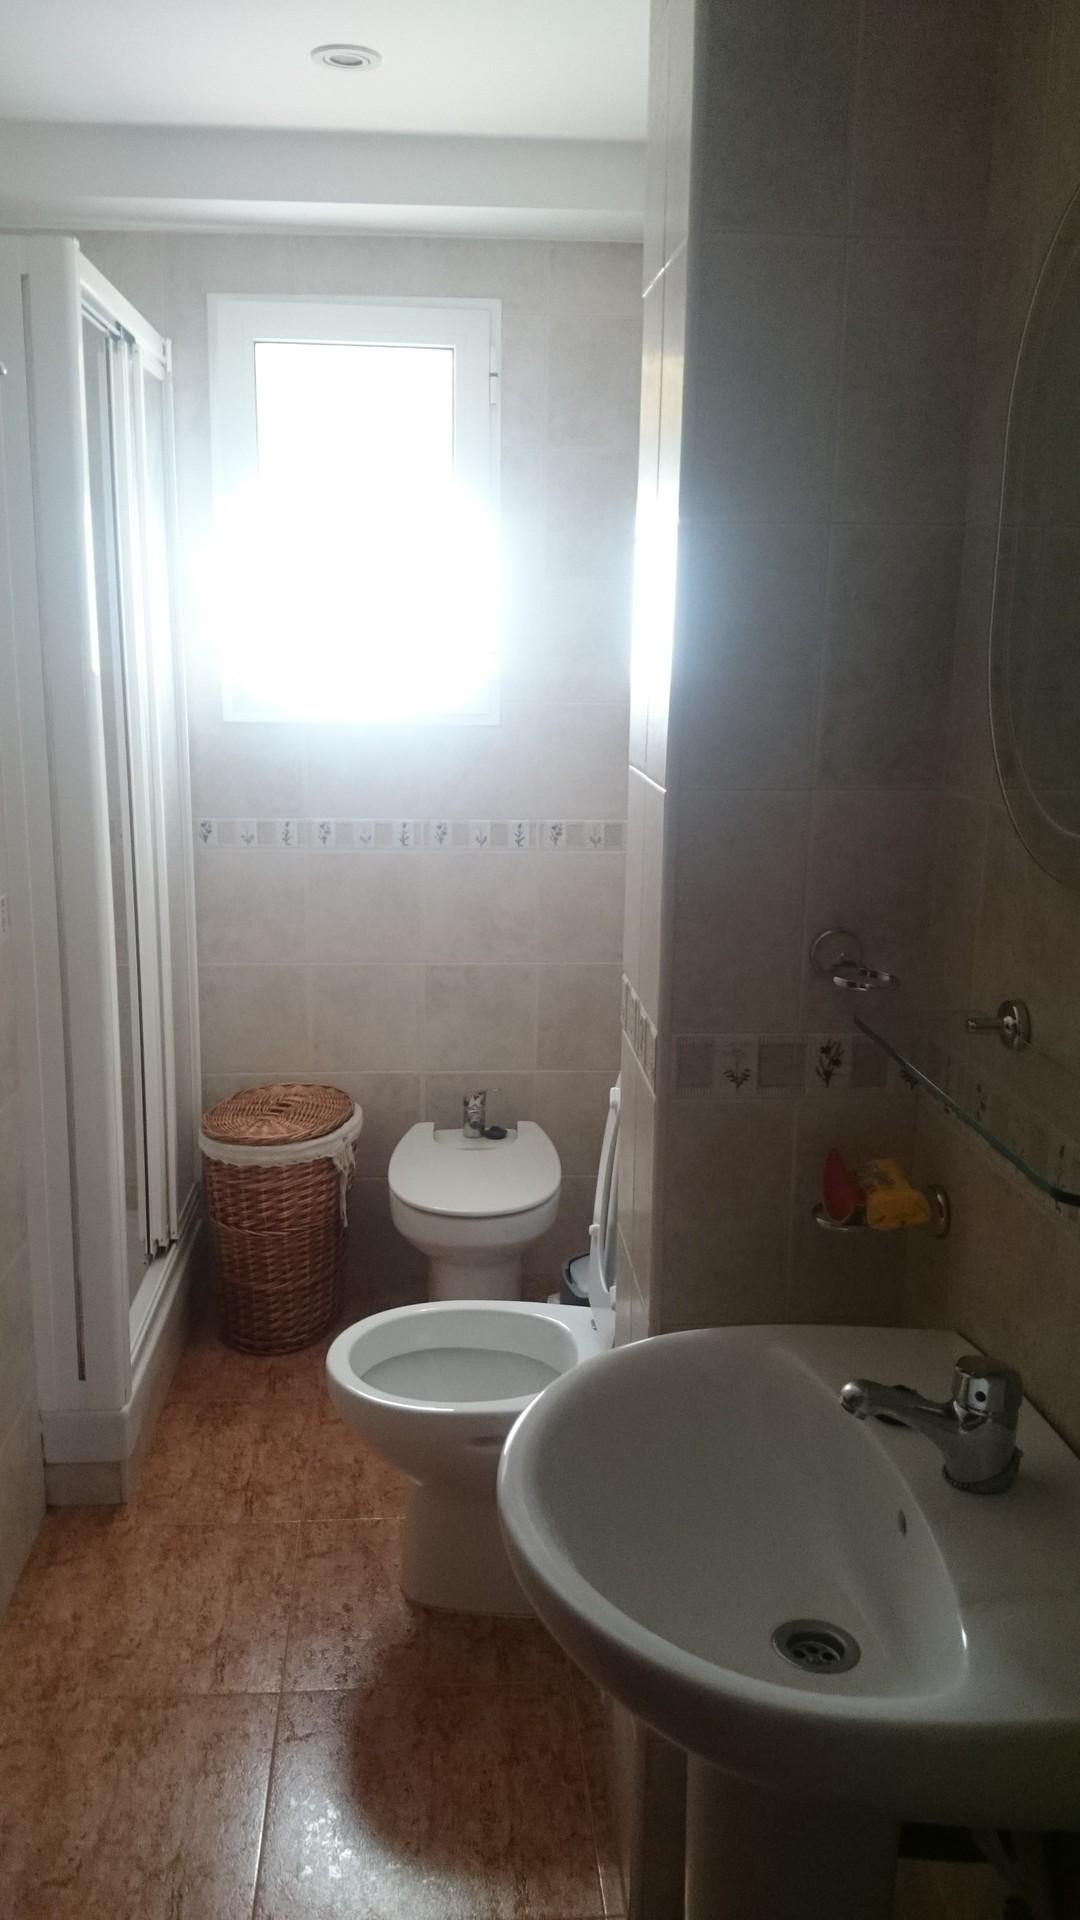 Habitaci n individual en piso compartido ciudad jard n alquiler habitaciones c rdoba - Pisos compartidos cordoba ...